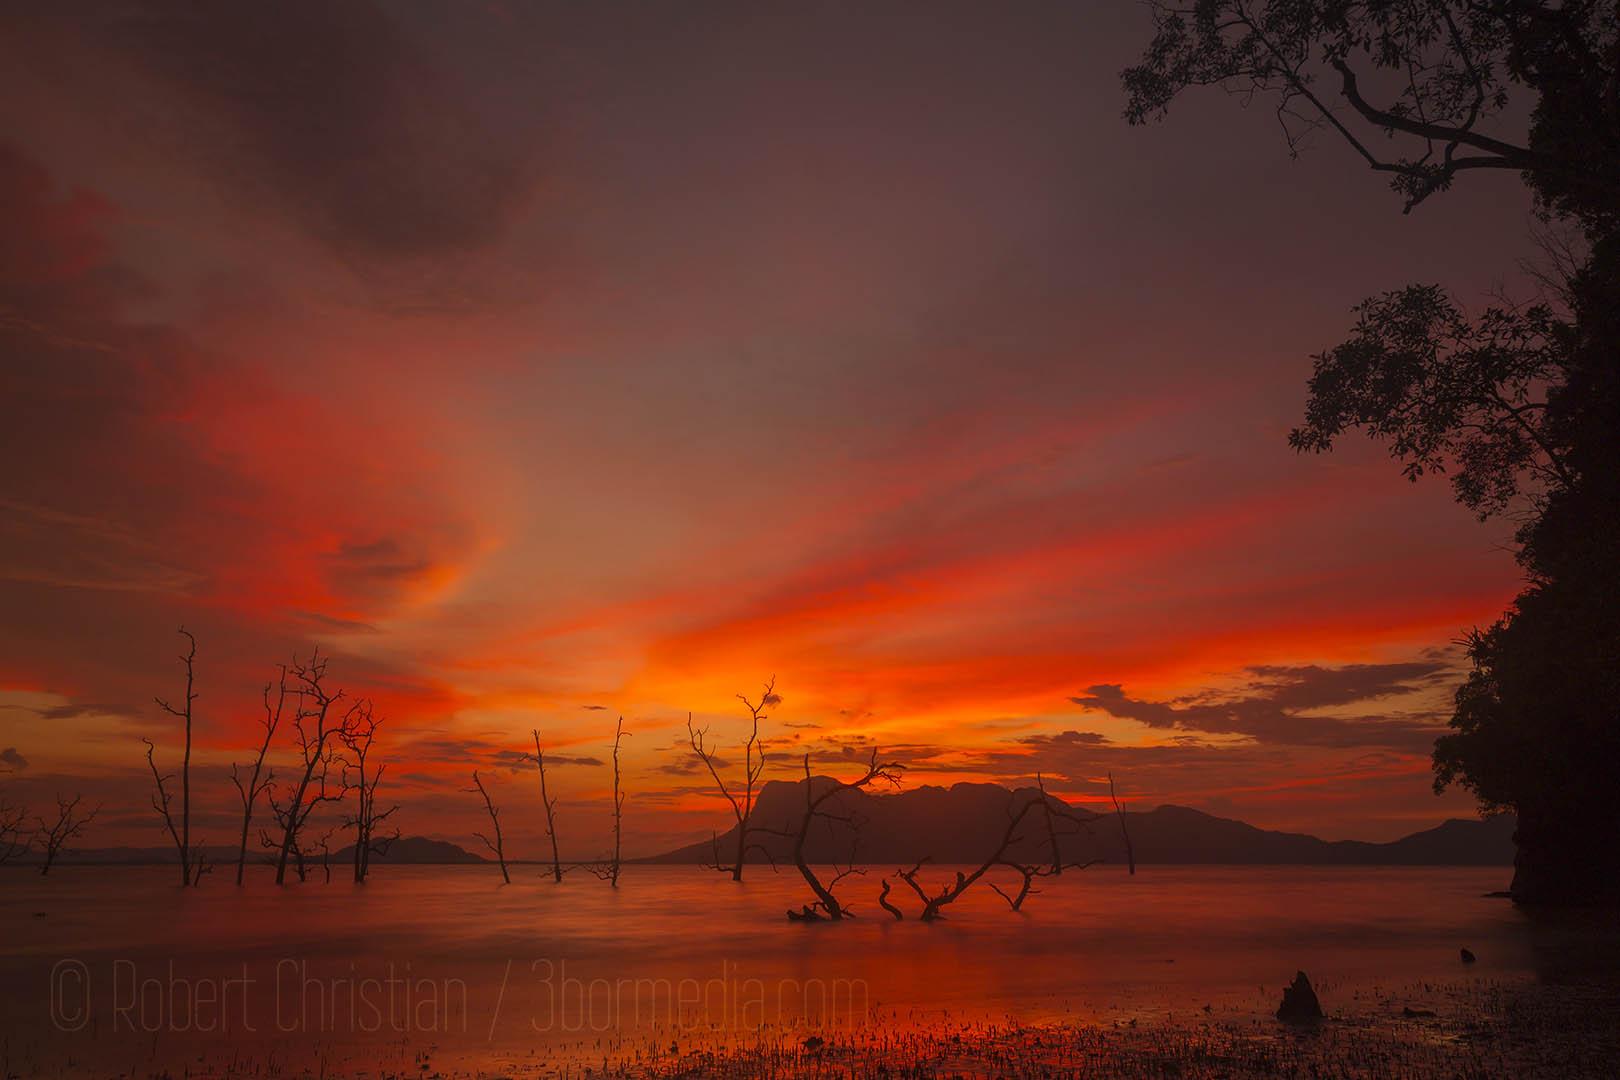 Beautiful sun setting behind the Santubong peninsula seen from Bako National Park.